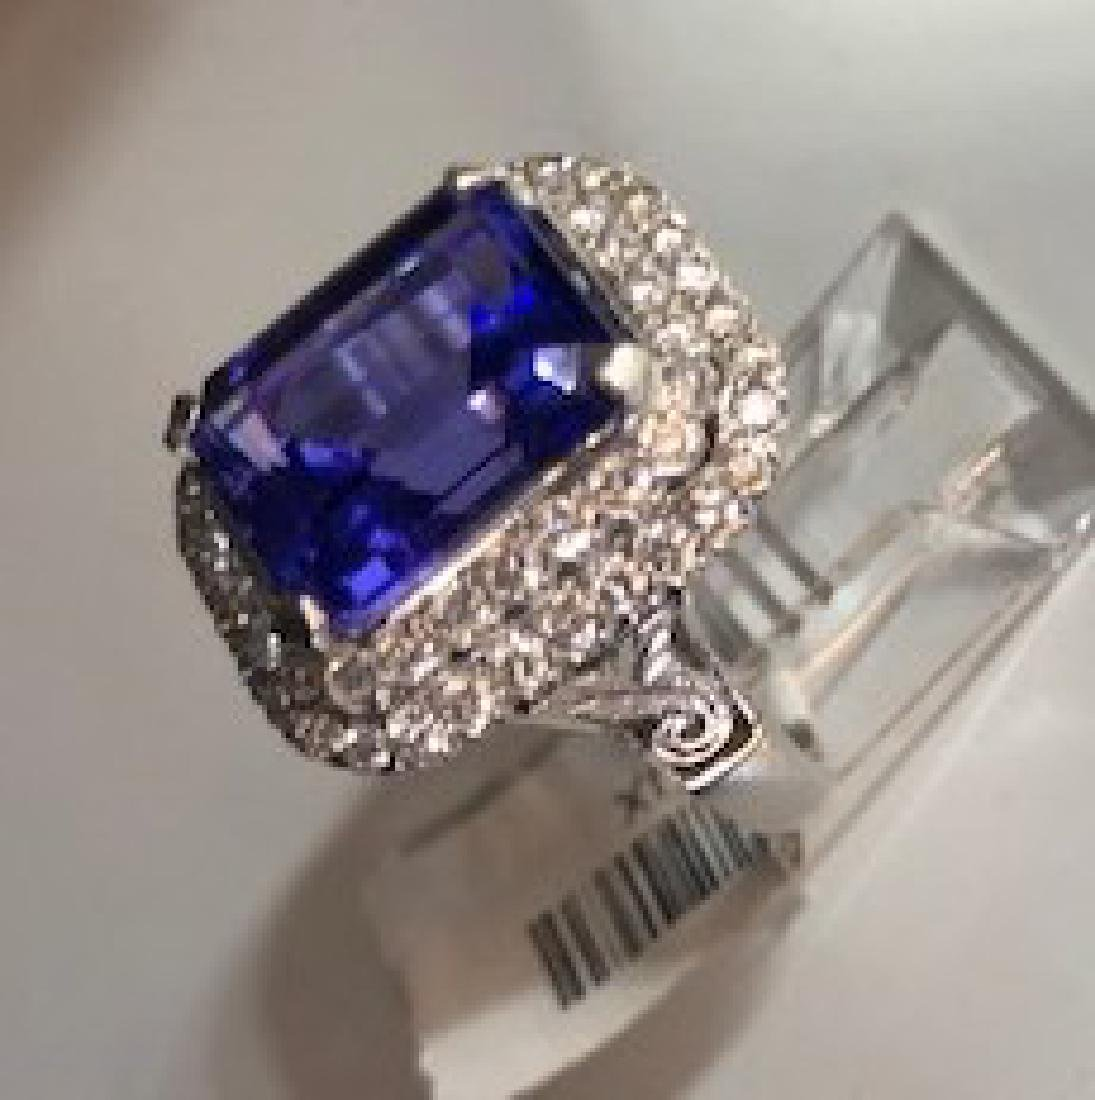 Gold GIA Certified Tanzanite Diamond Cocktail Ring - 2